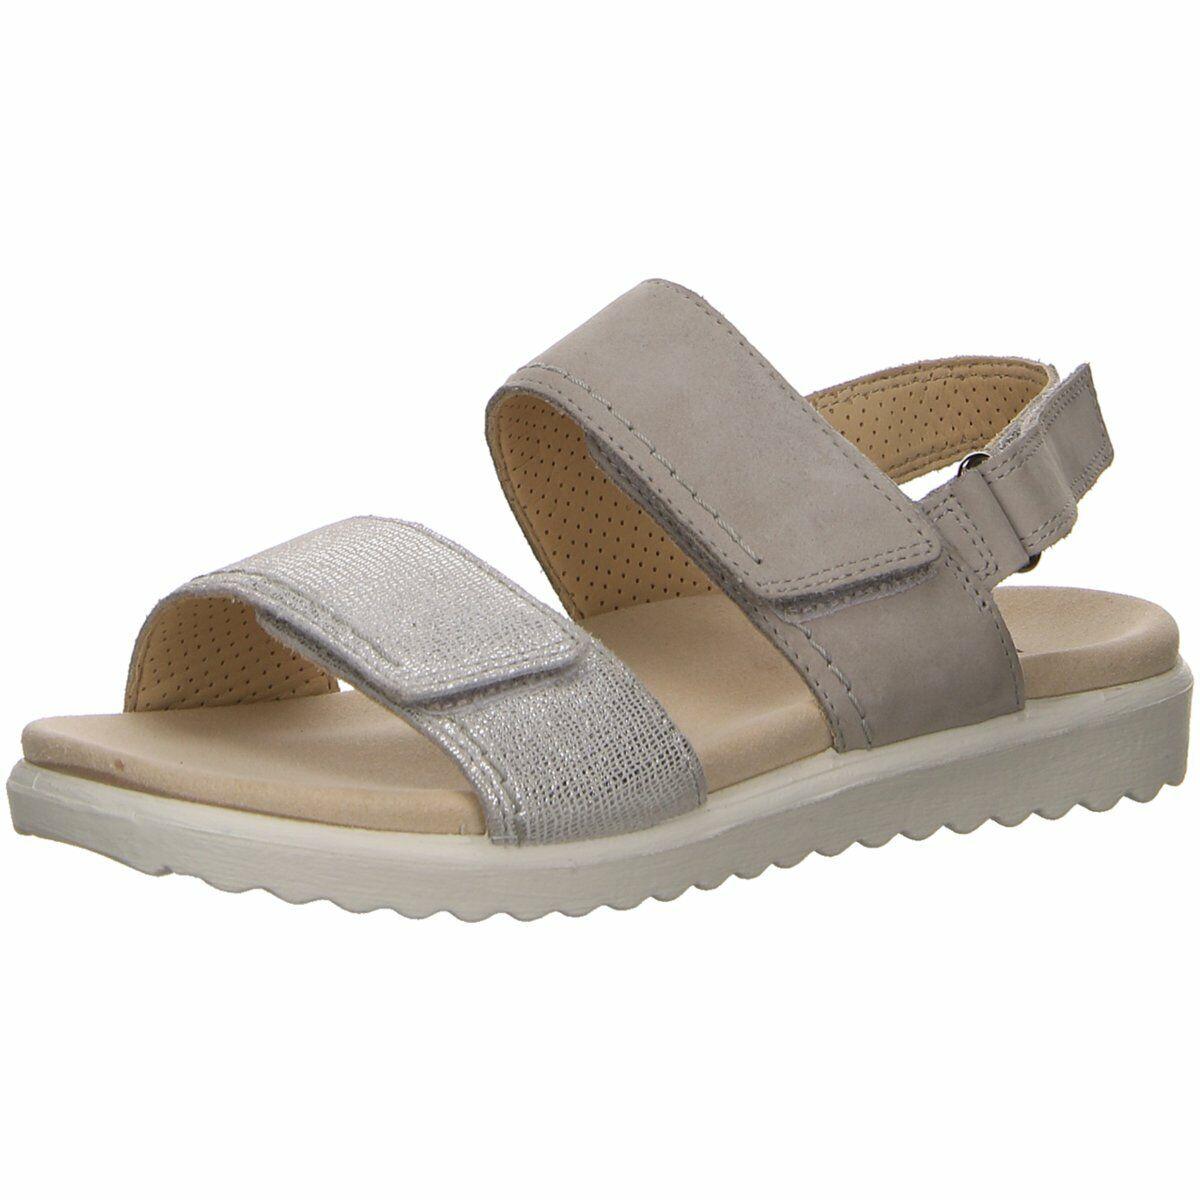 Damen Clogs High Heels Absatz Faux Holz Sandaletten Damenschuhe Pumps Bz025